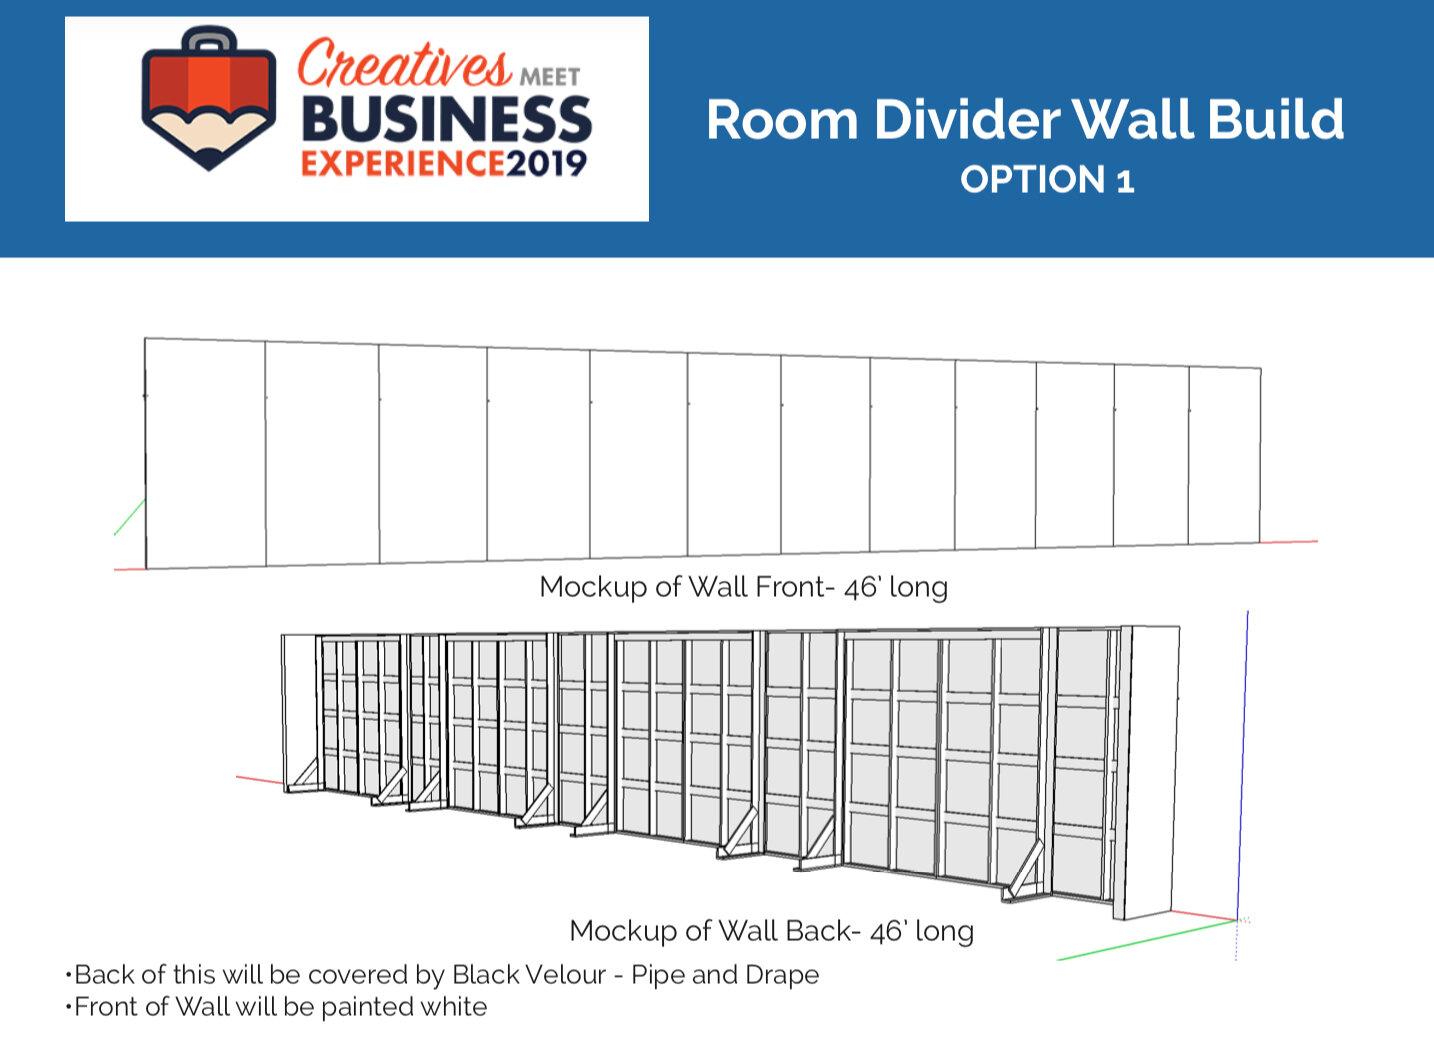 Sketchup Model of Room Divider